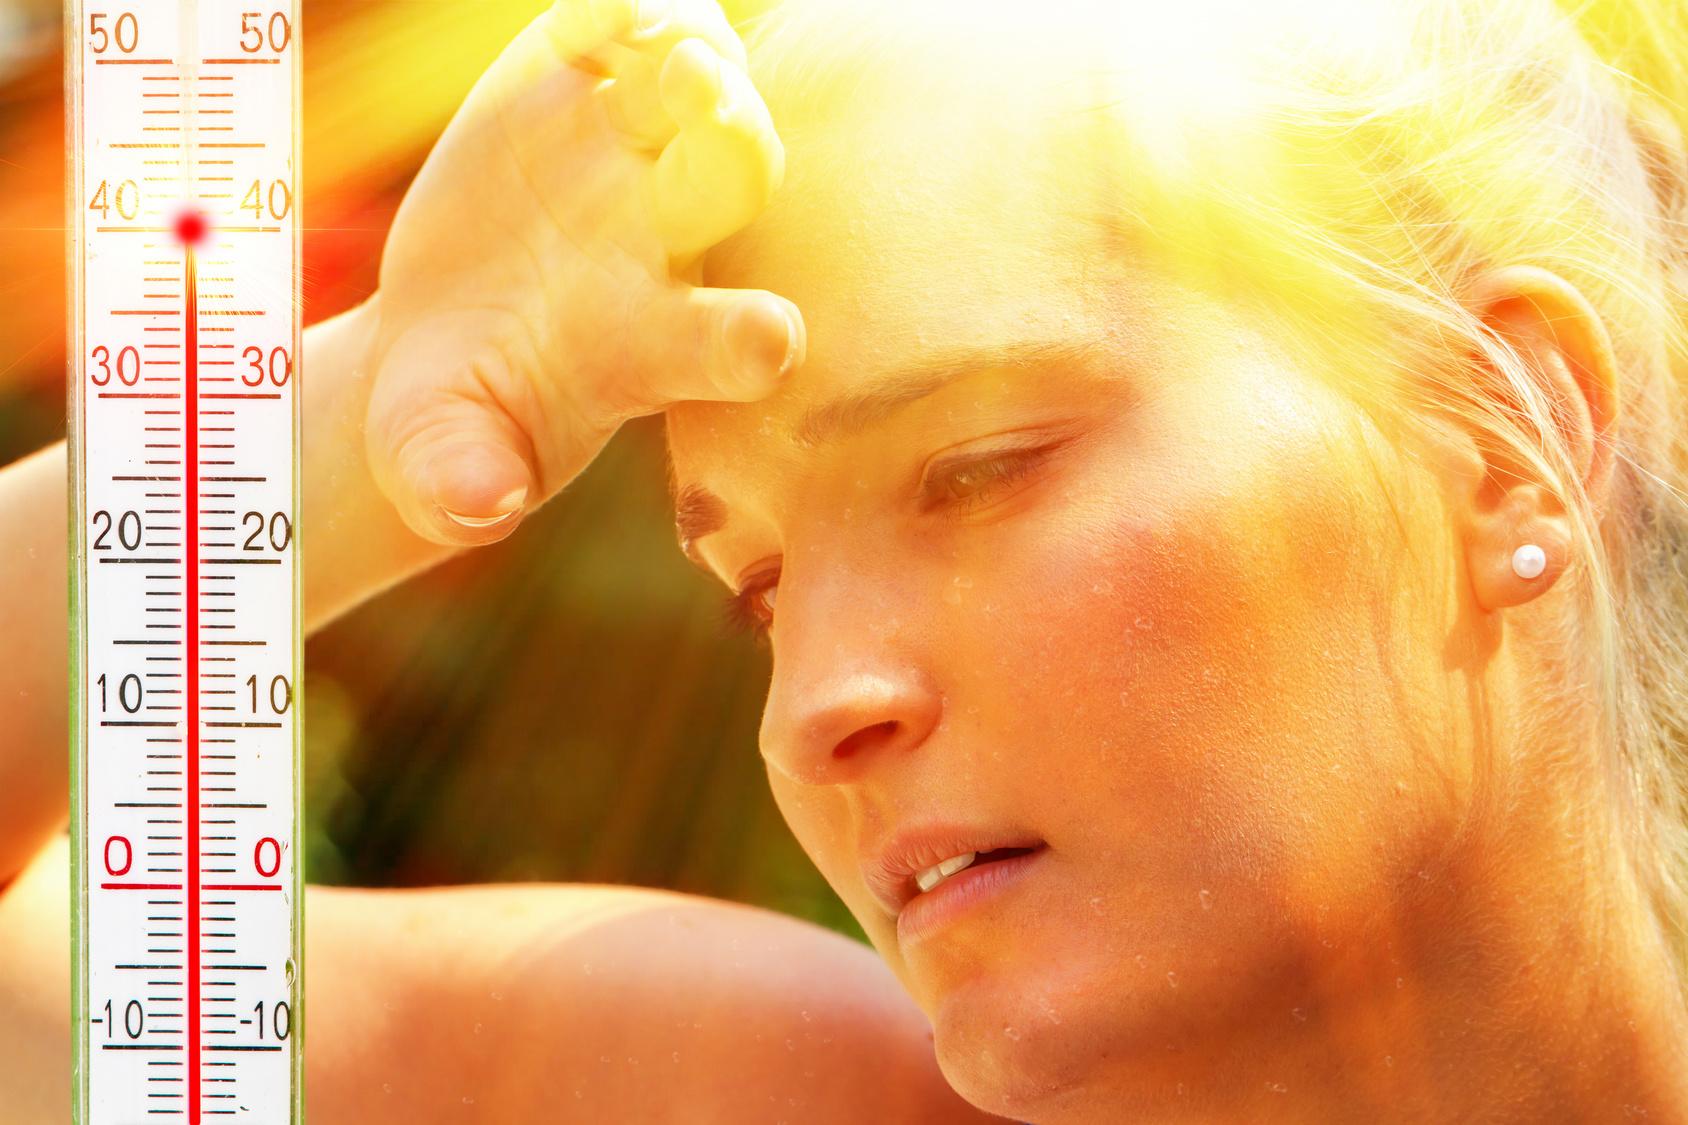 Eine Frau leidet bei starker Hitze unter den Folgen von Wassermangel